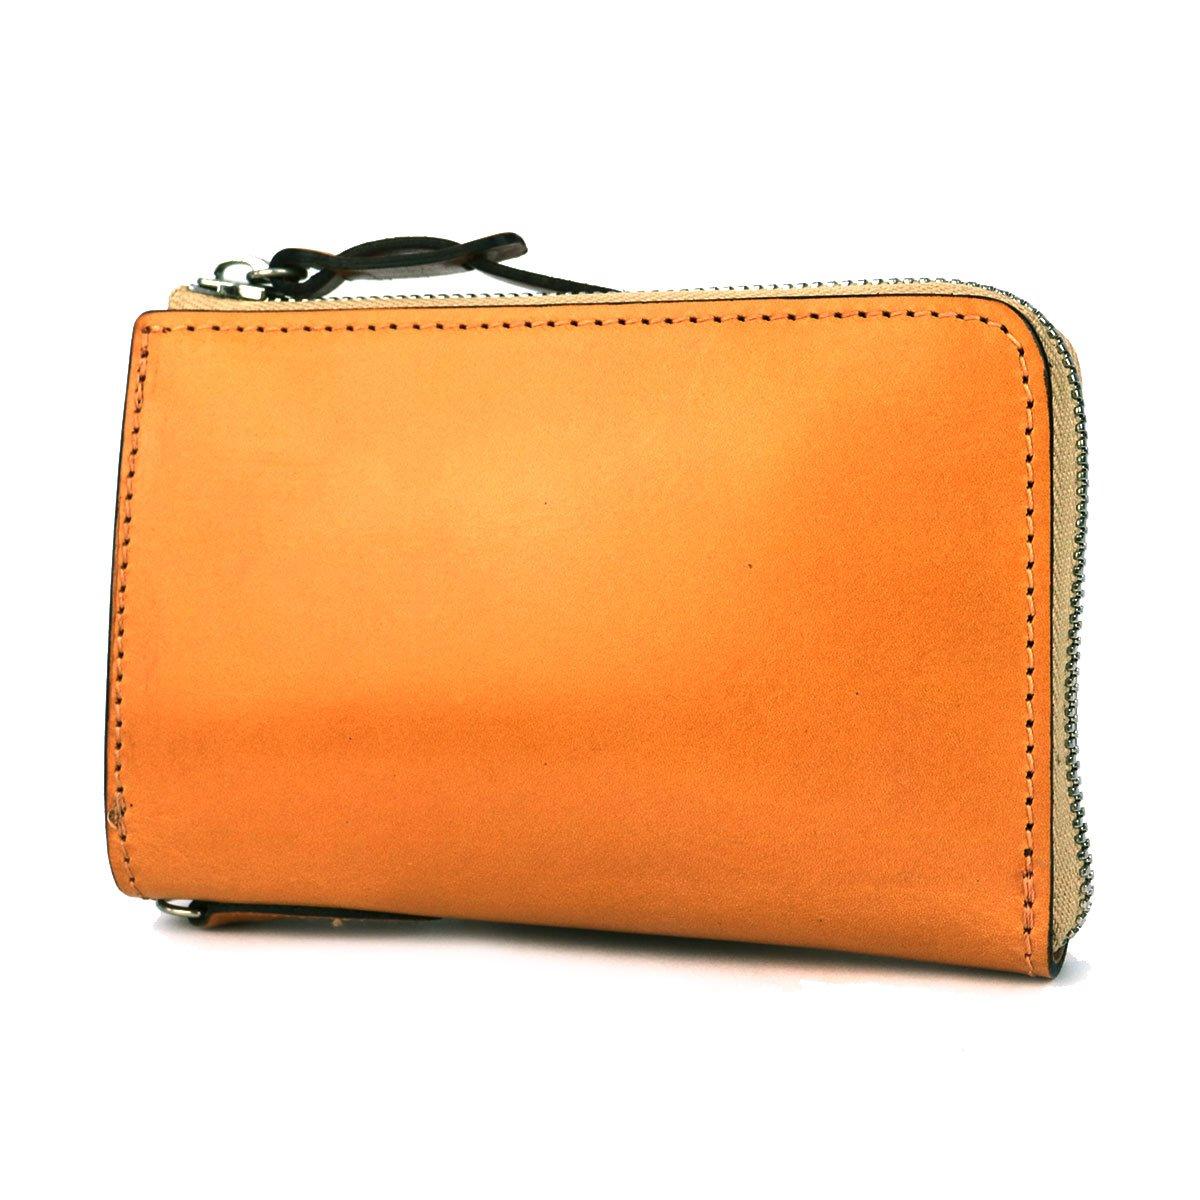 [コルボ]CORBO face Bridle Leather 二つ折り財布 L字ファスナー 1LD-0225 B0081ZA1TQ ブラウン(91) ブラウン(91)